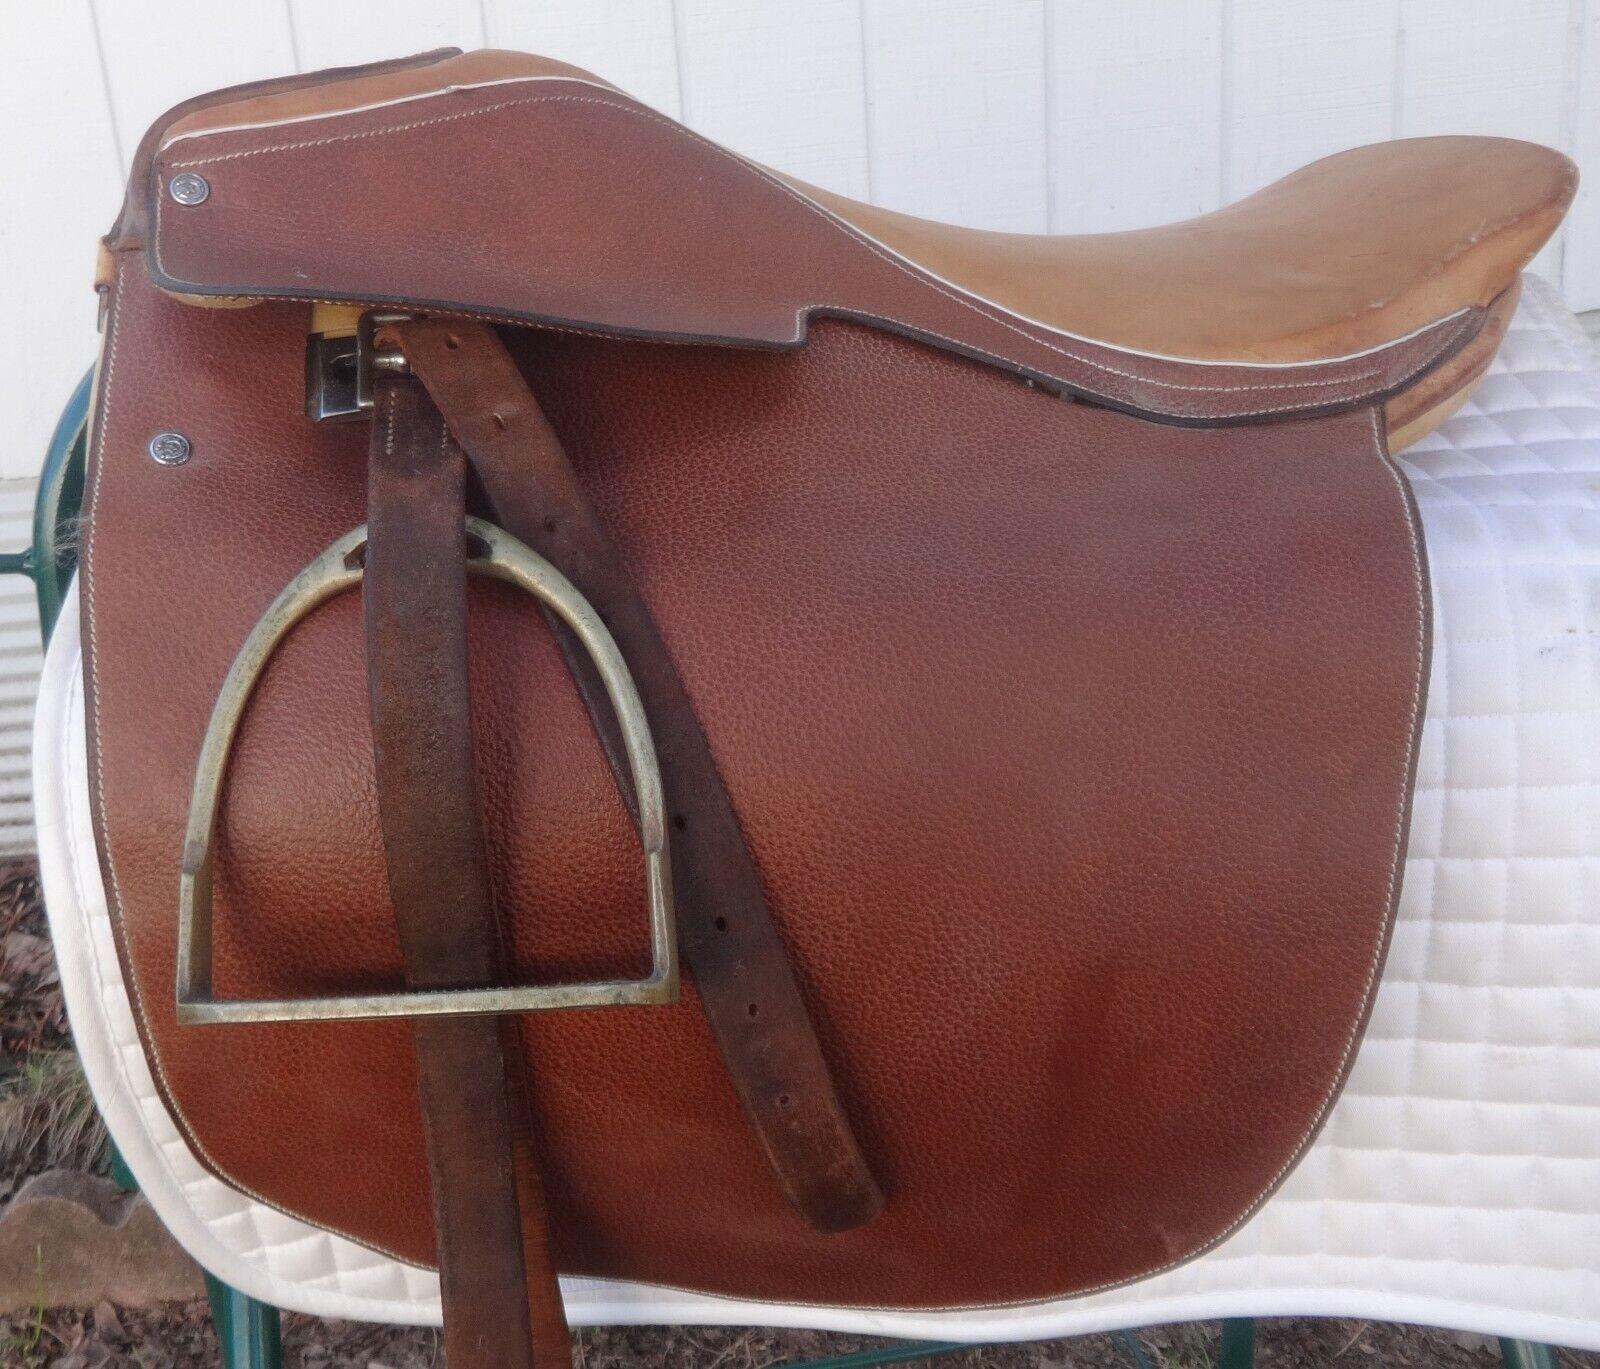 Saddleseat Show Saddle 20.5 Seat, Medium Tree GREAT  Free Leathers & Stirrups